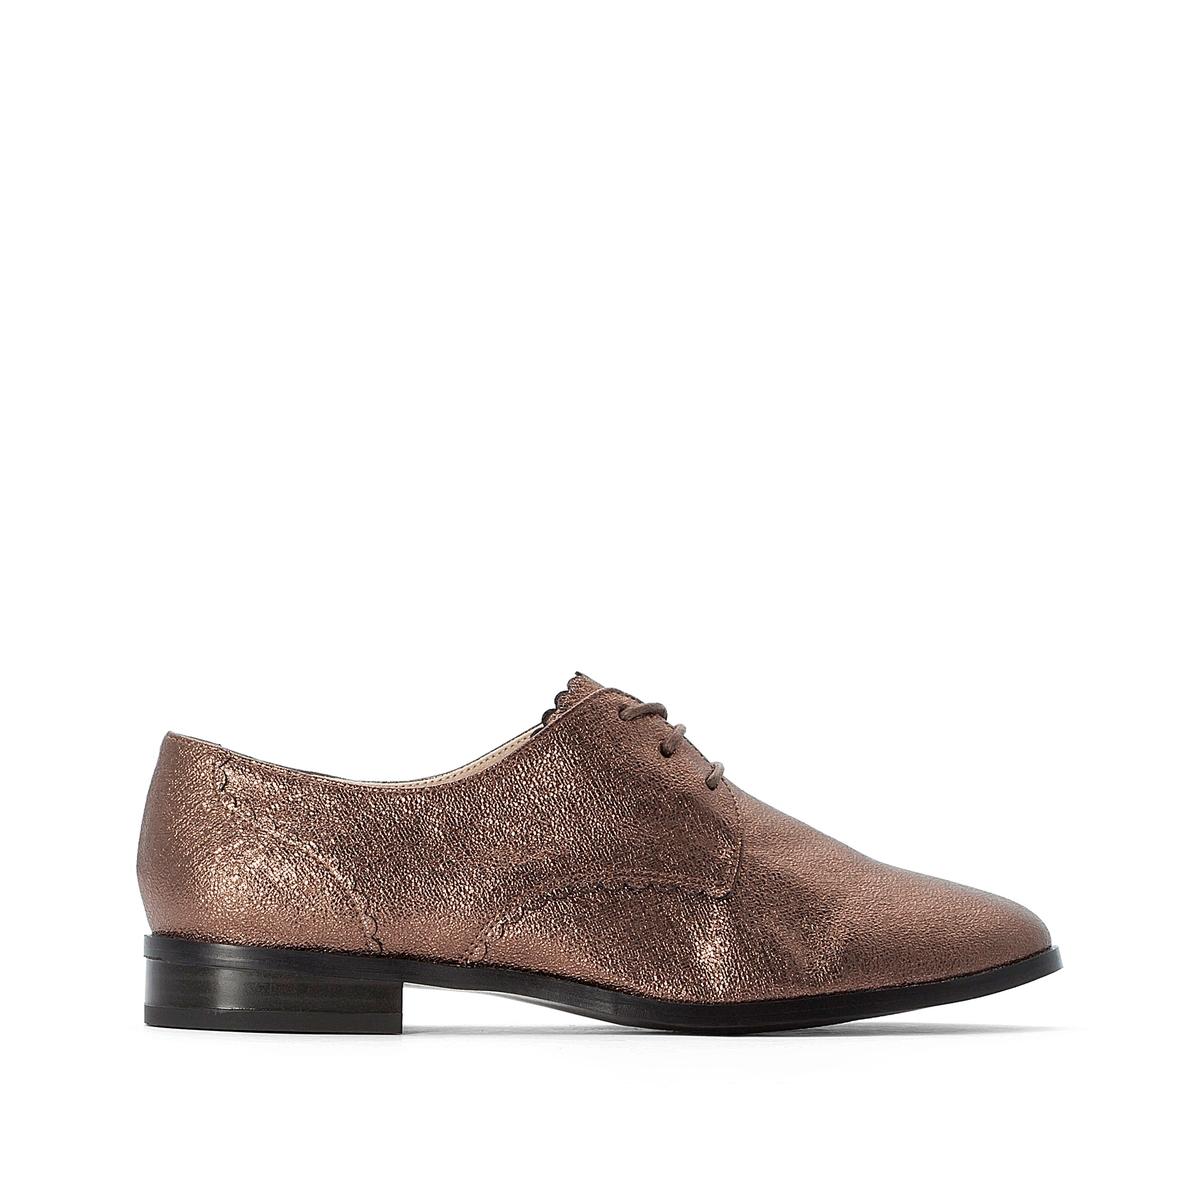 Ботинки-дерби La Redoute На плоском каблуке с металлическим блеском 36 каштановый туфли la redoute на среднем каблуке с питоновым принтом 36 каштановый